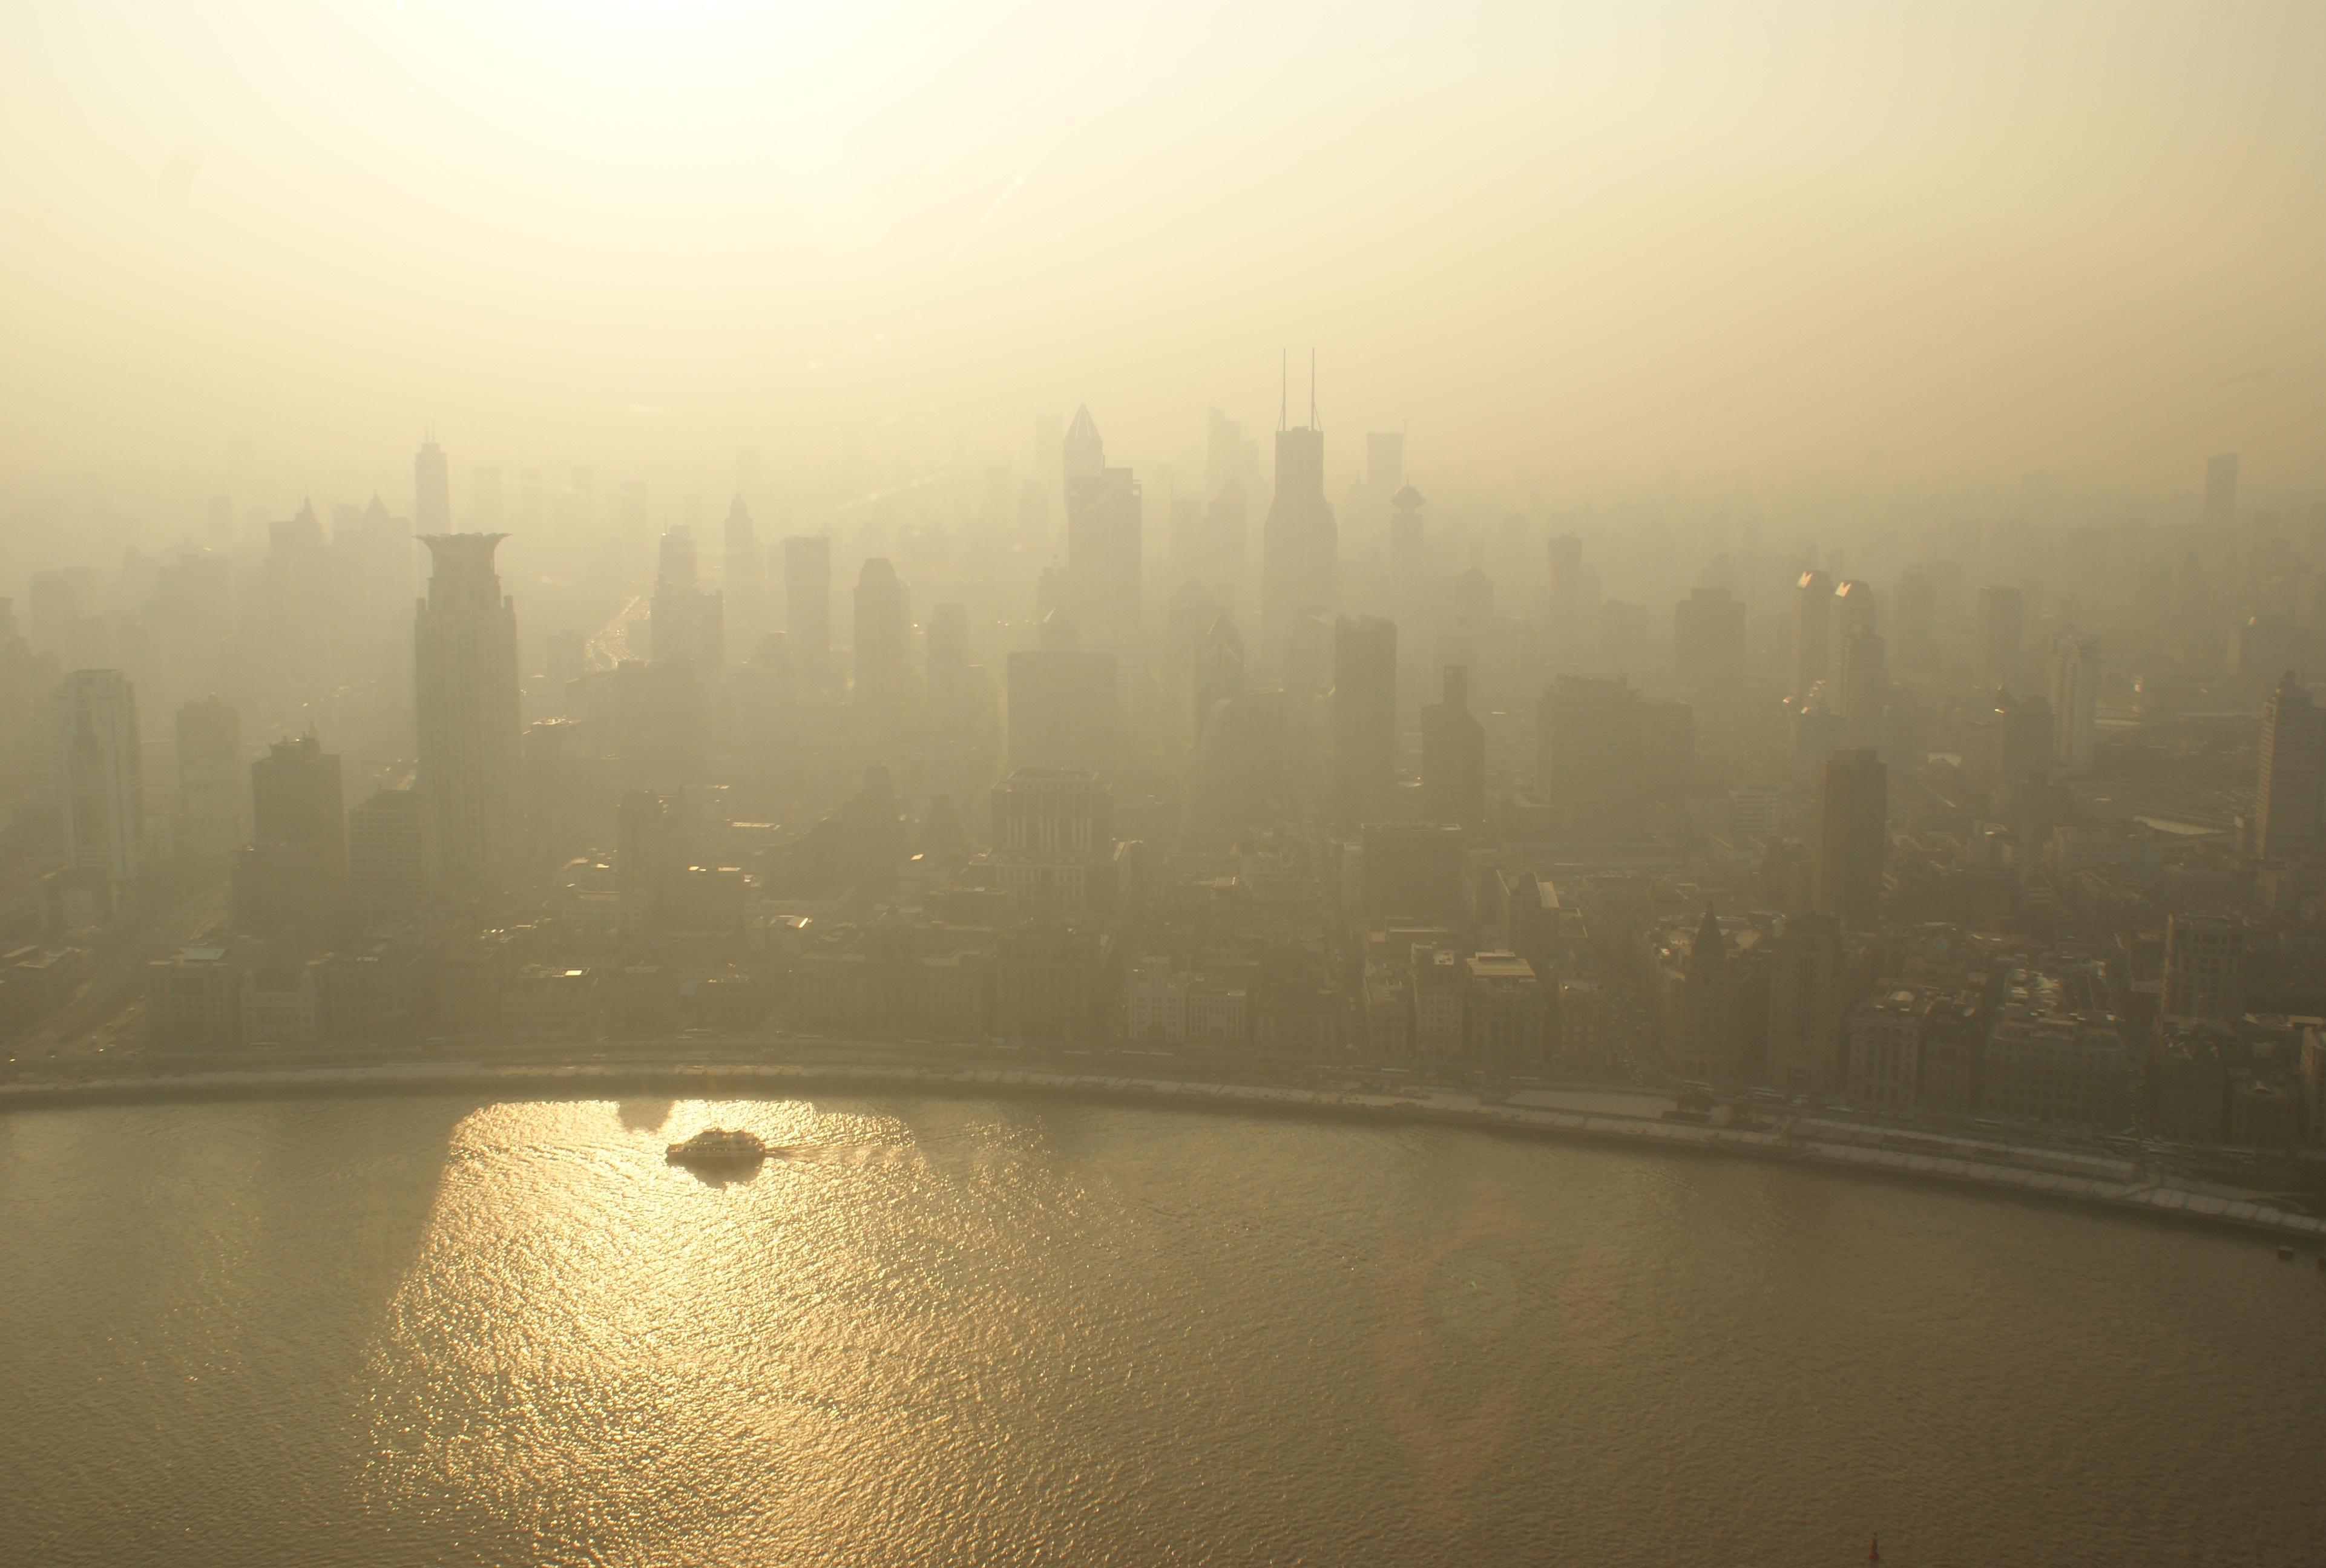 El aumento rápido de contaminación puede ser tan dañino para el corazón como los niveles permanentes, revela estudio